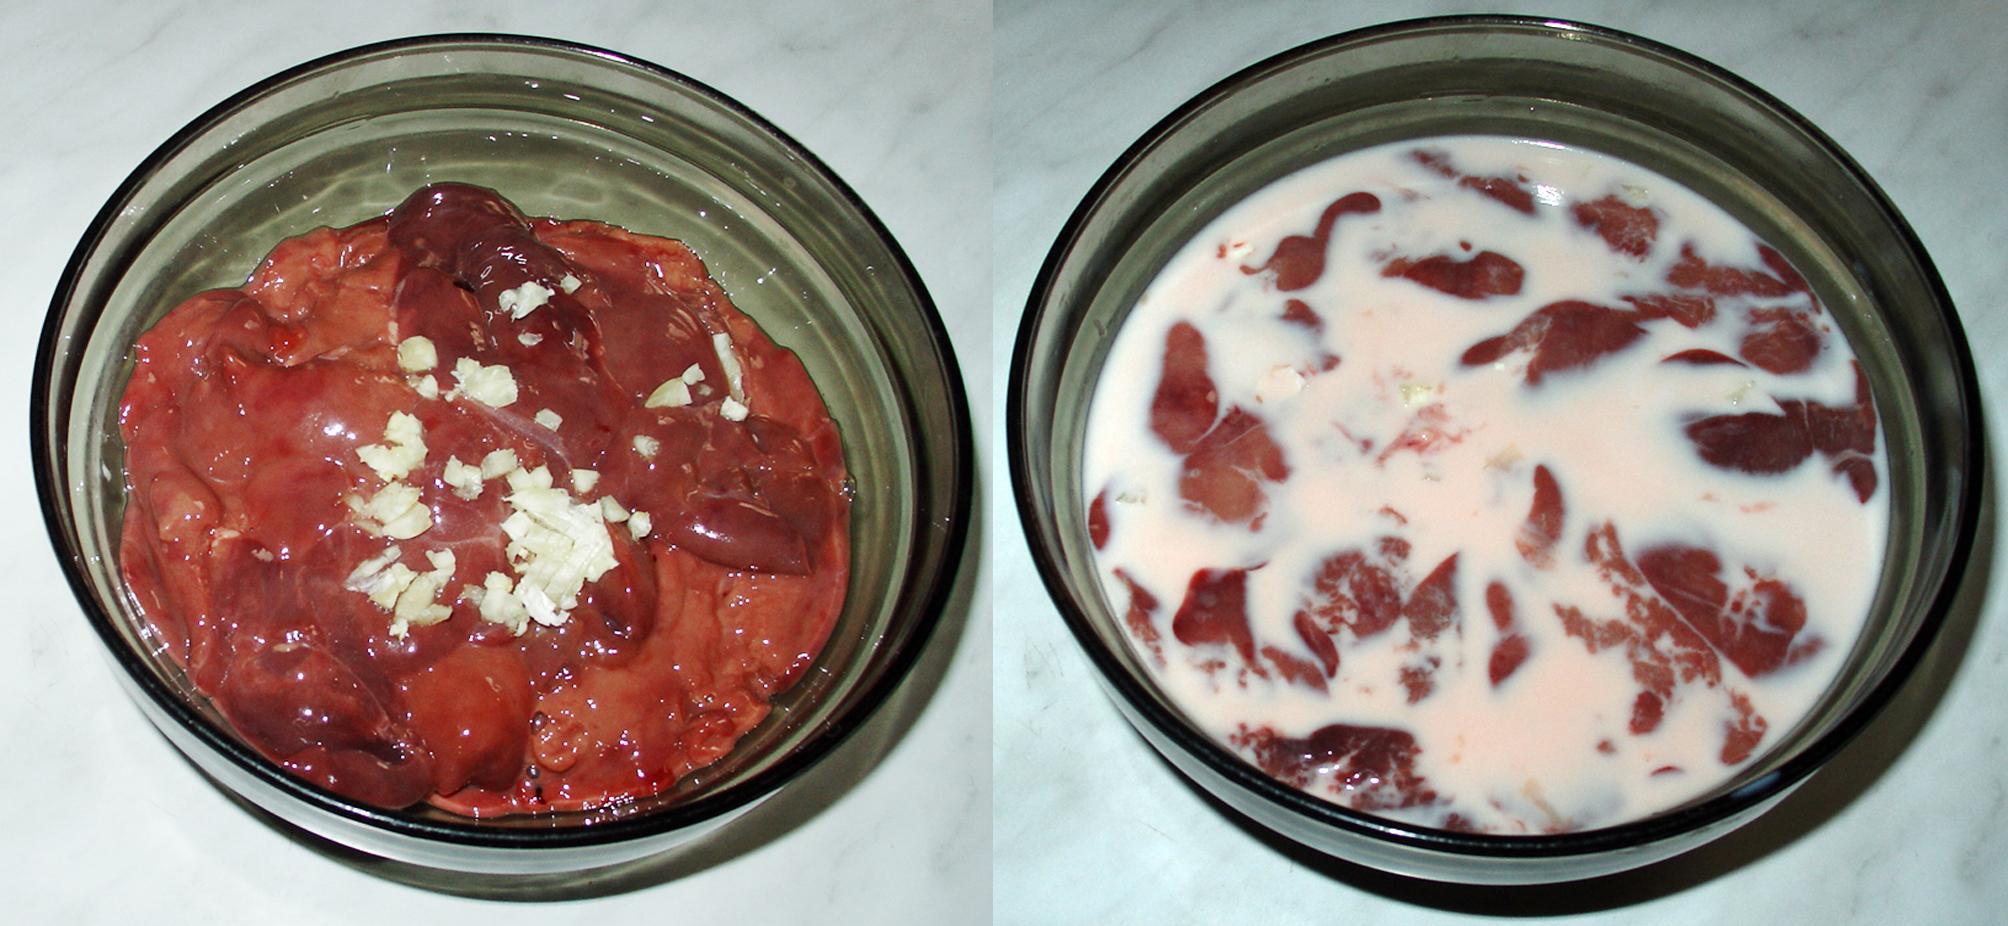 2-Pate de pui homemade